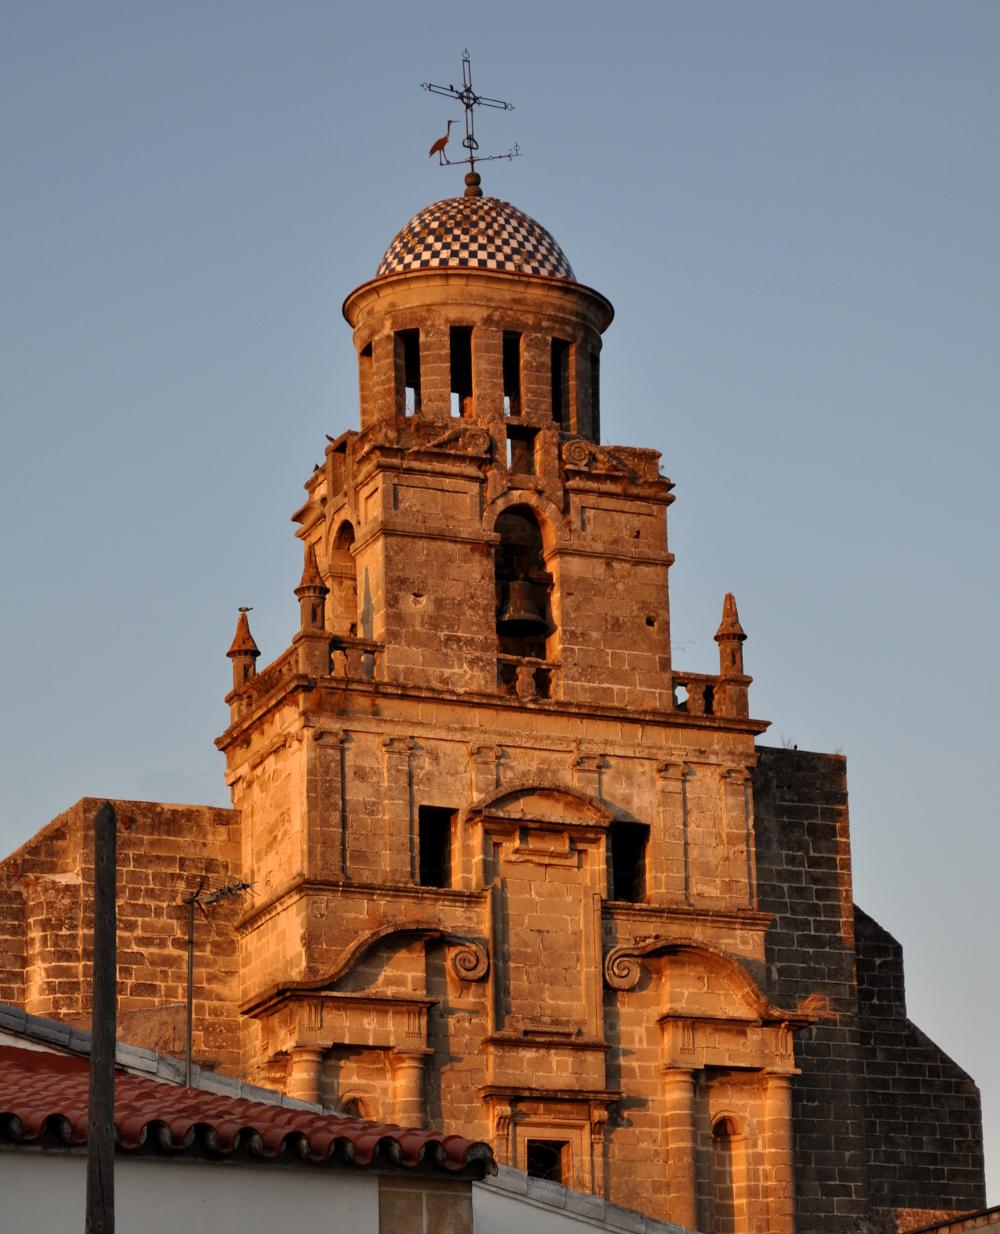 Ͽ���������� Ͽ������������ Ͽ���������� Ͽ���������� Ͽ�� Ͽ���������� Ͽ������������: Iglesia De San Juan De Los Caballeros (Jerez De La